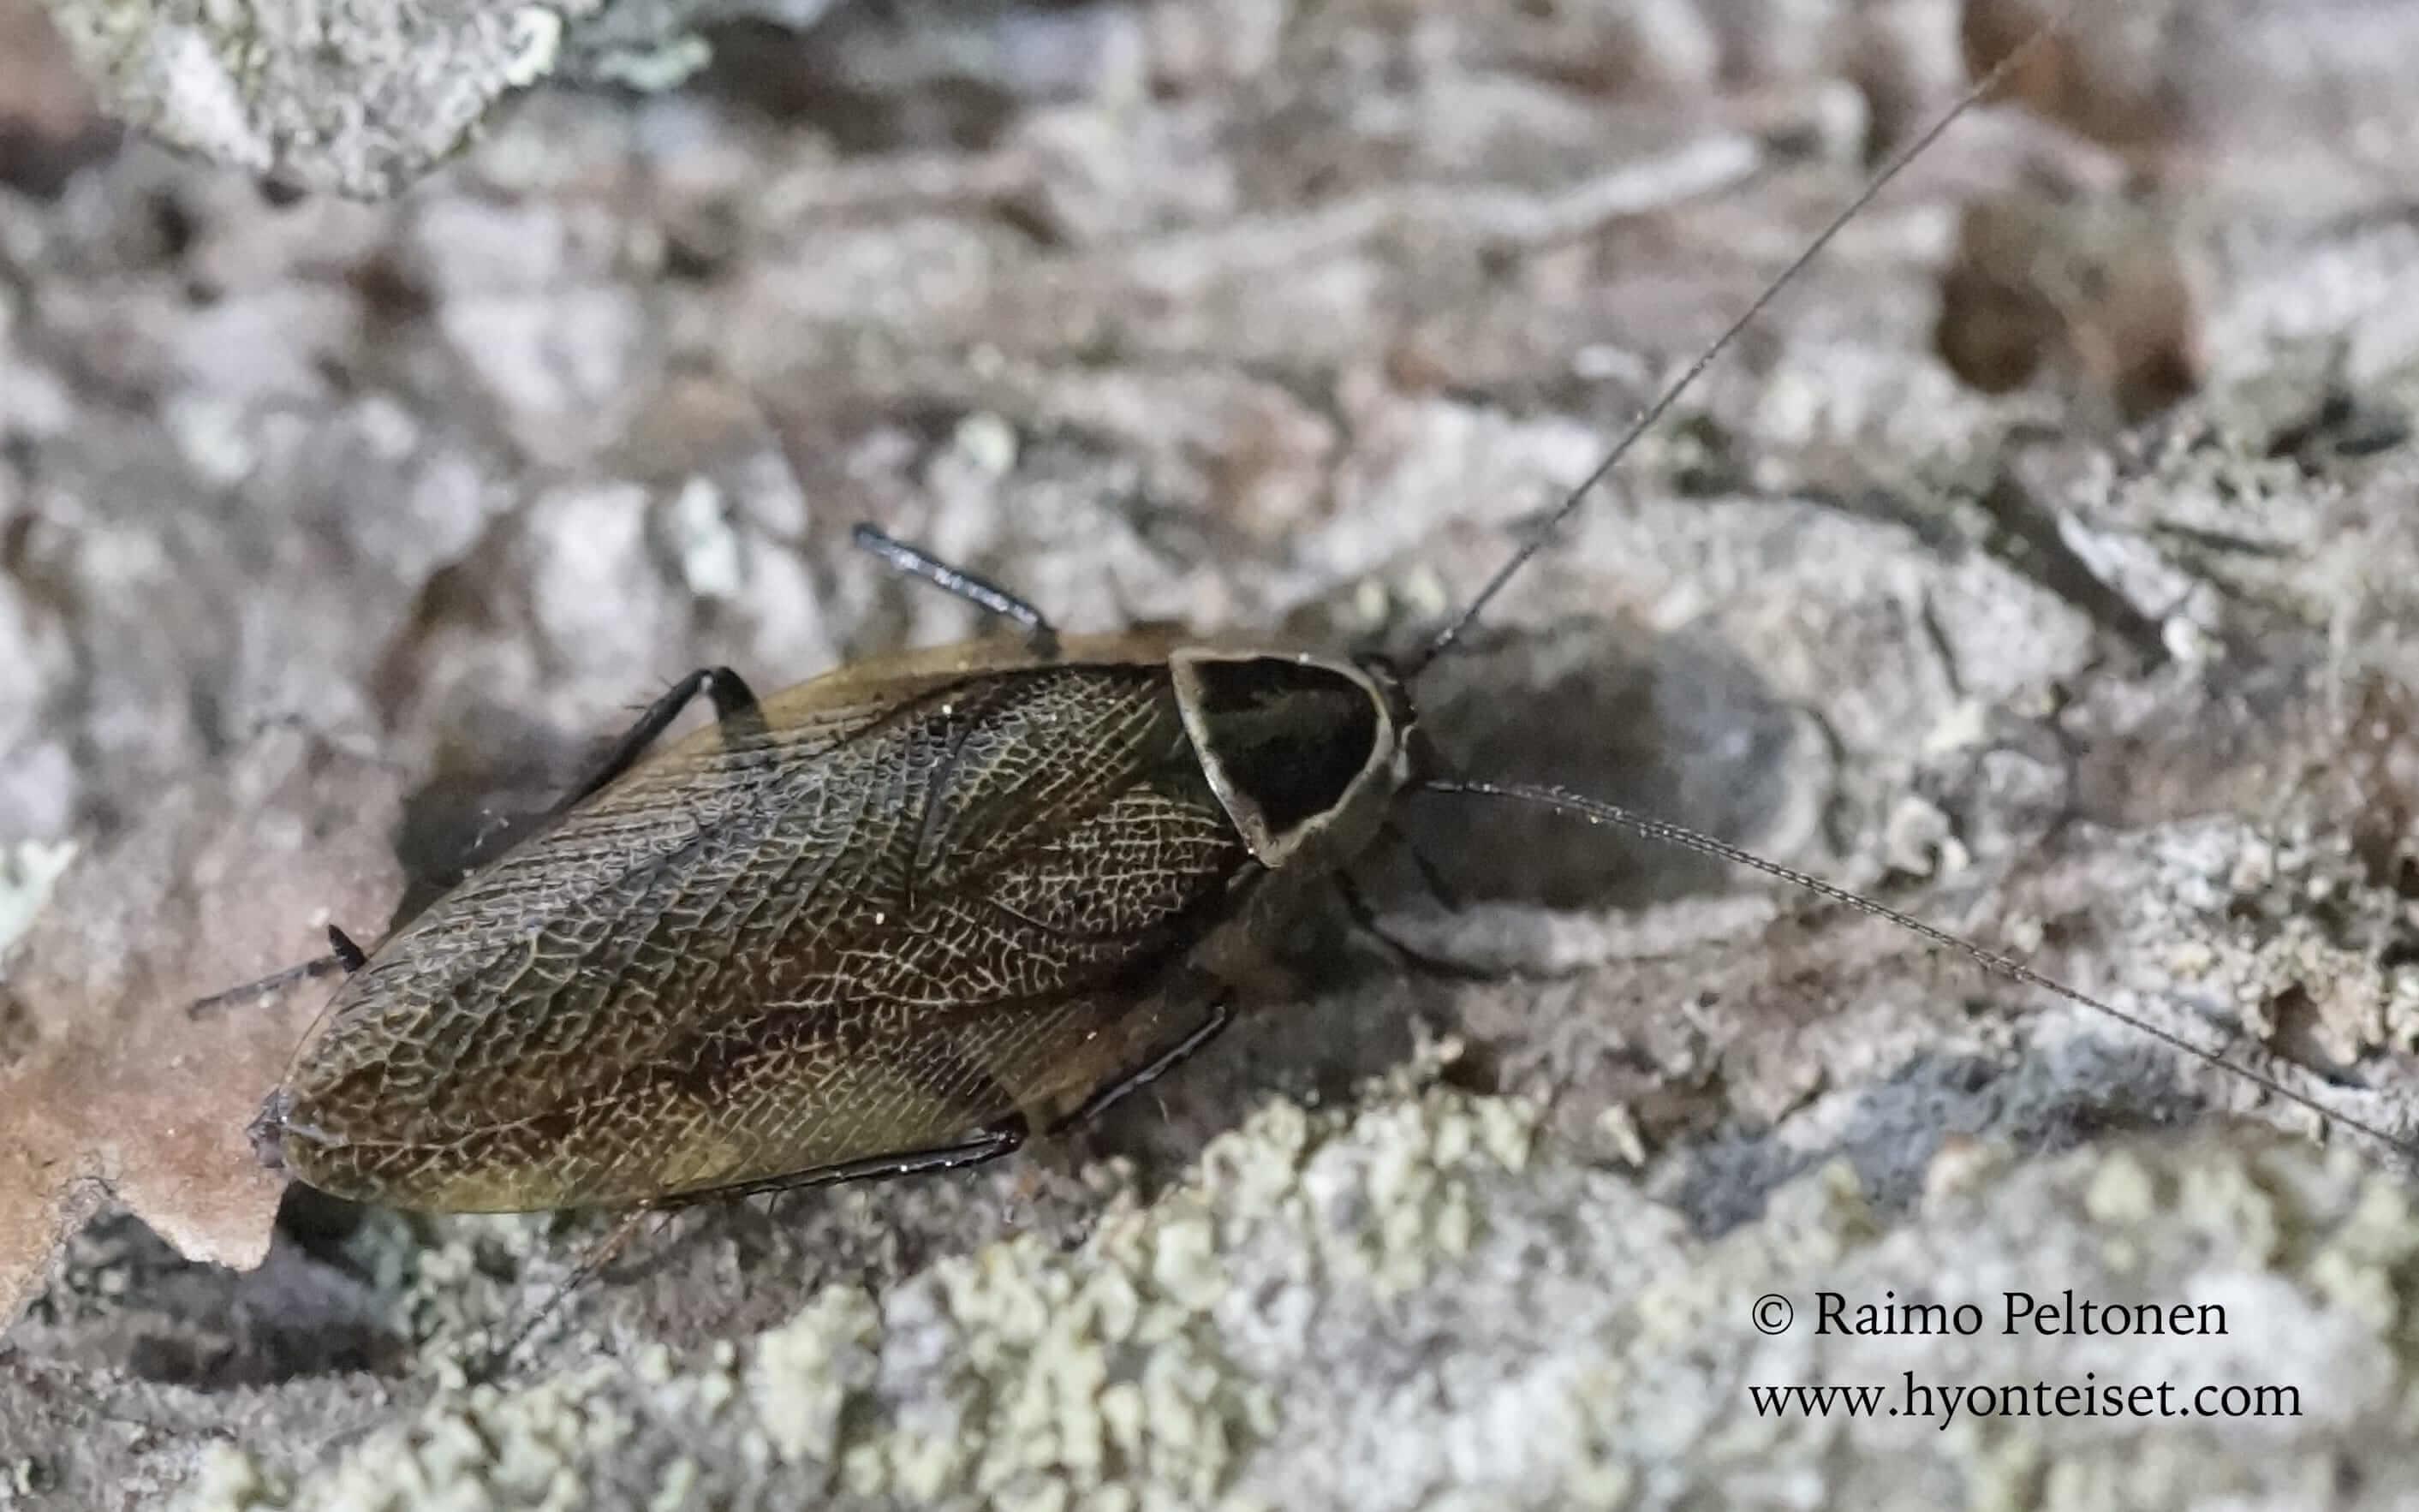 Ectobius sylvestris-metsätorakka, 20.6.2016 Laukaa